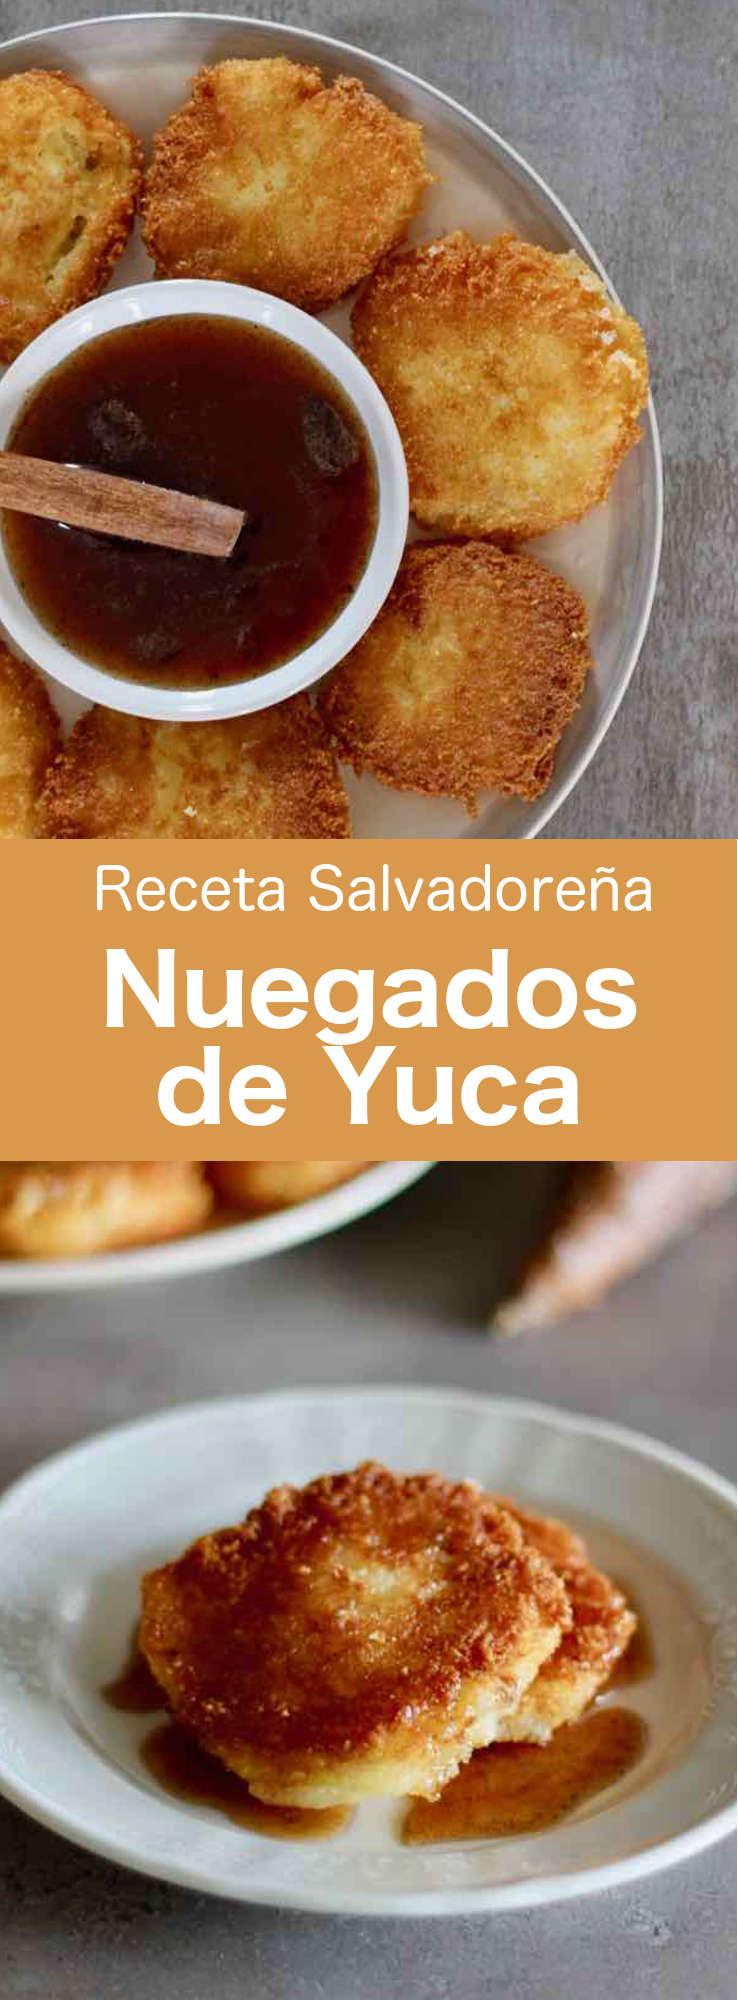 Los nuégados de yuca son deliciosos buñuelos de queso tradicionales de El Salvador que se preparan típicamente durante la Pascua.